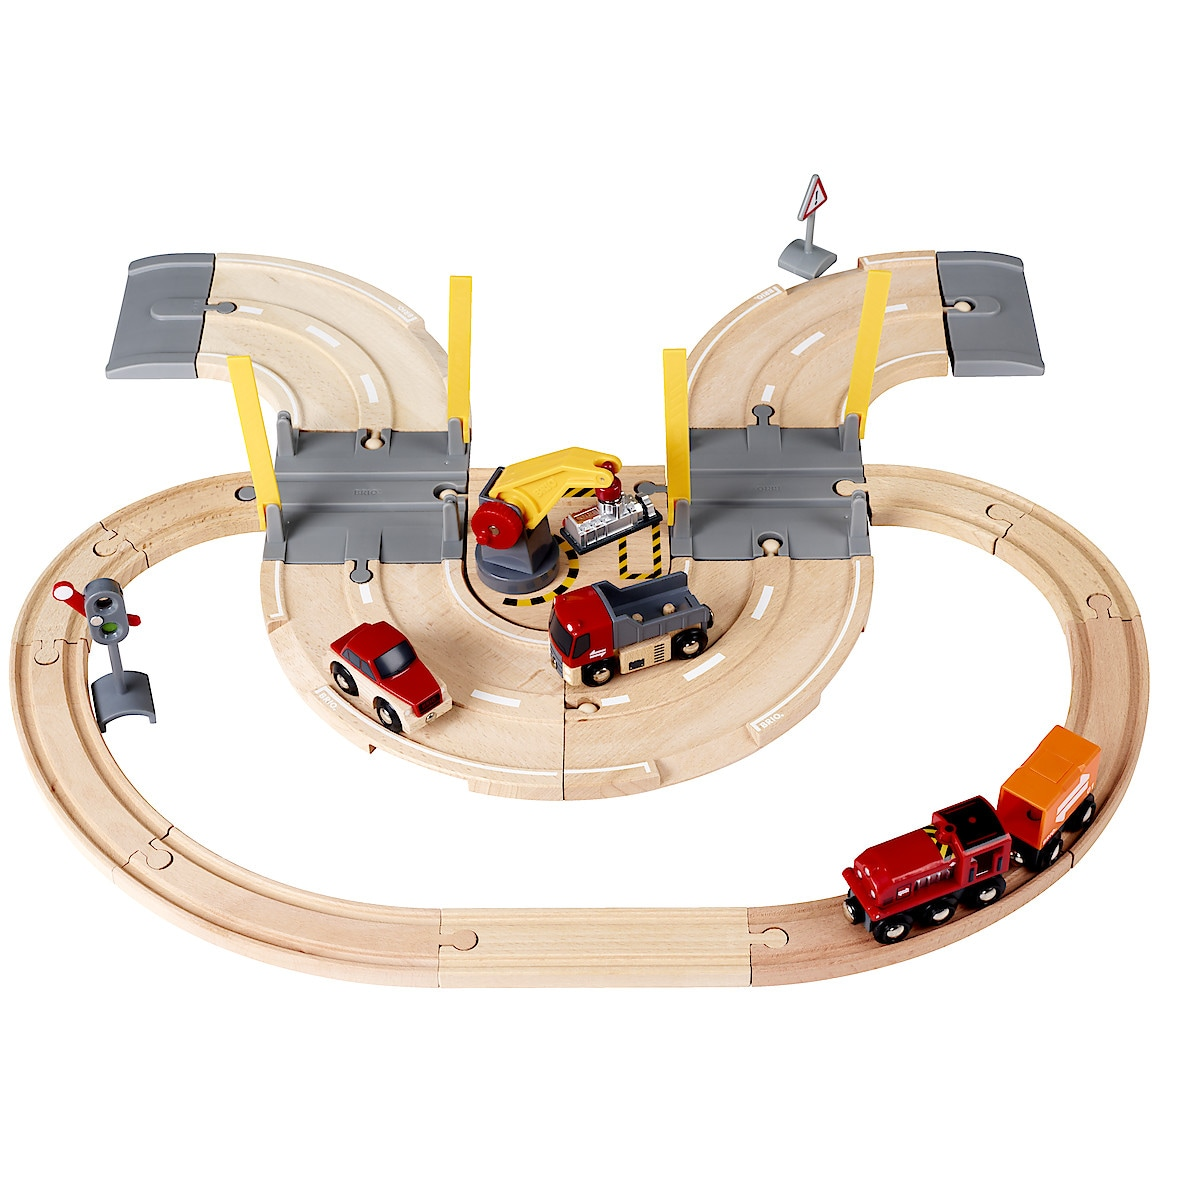 Tågset med väg och kran